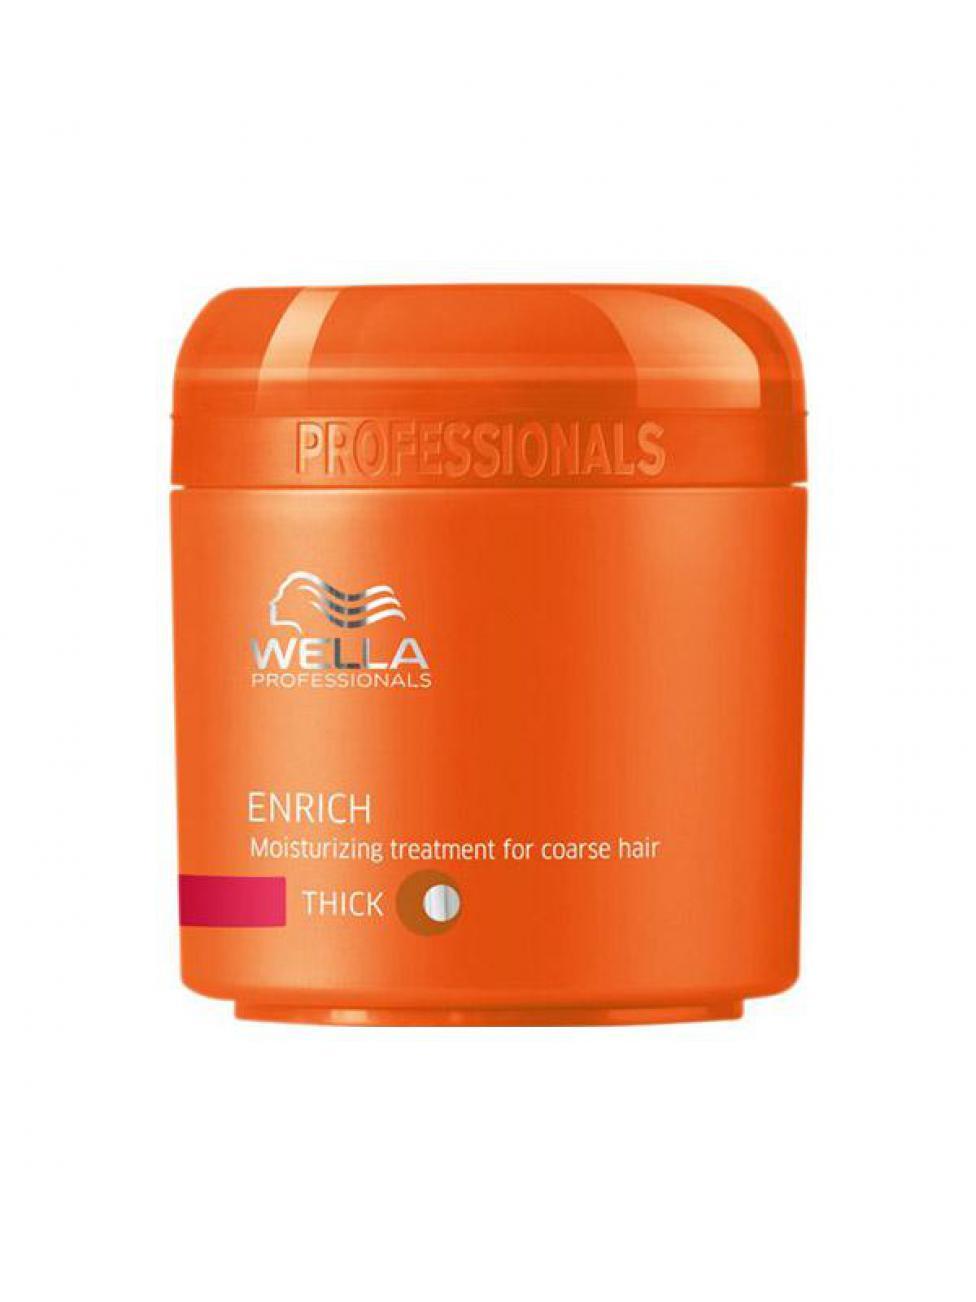 Wella Питательная крем-маска Enrich Line для жестких волос, 150 мл